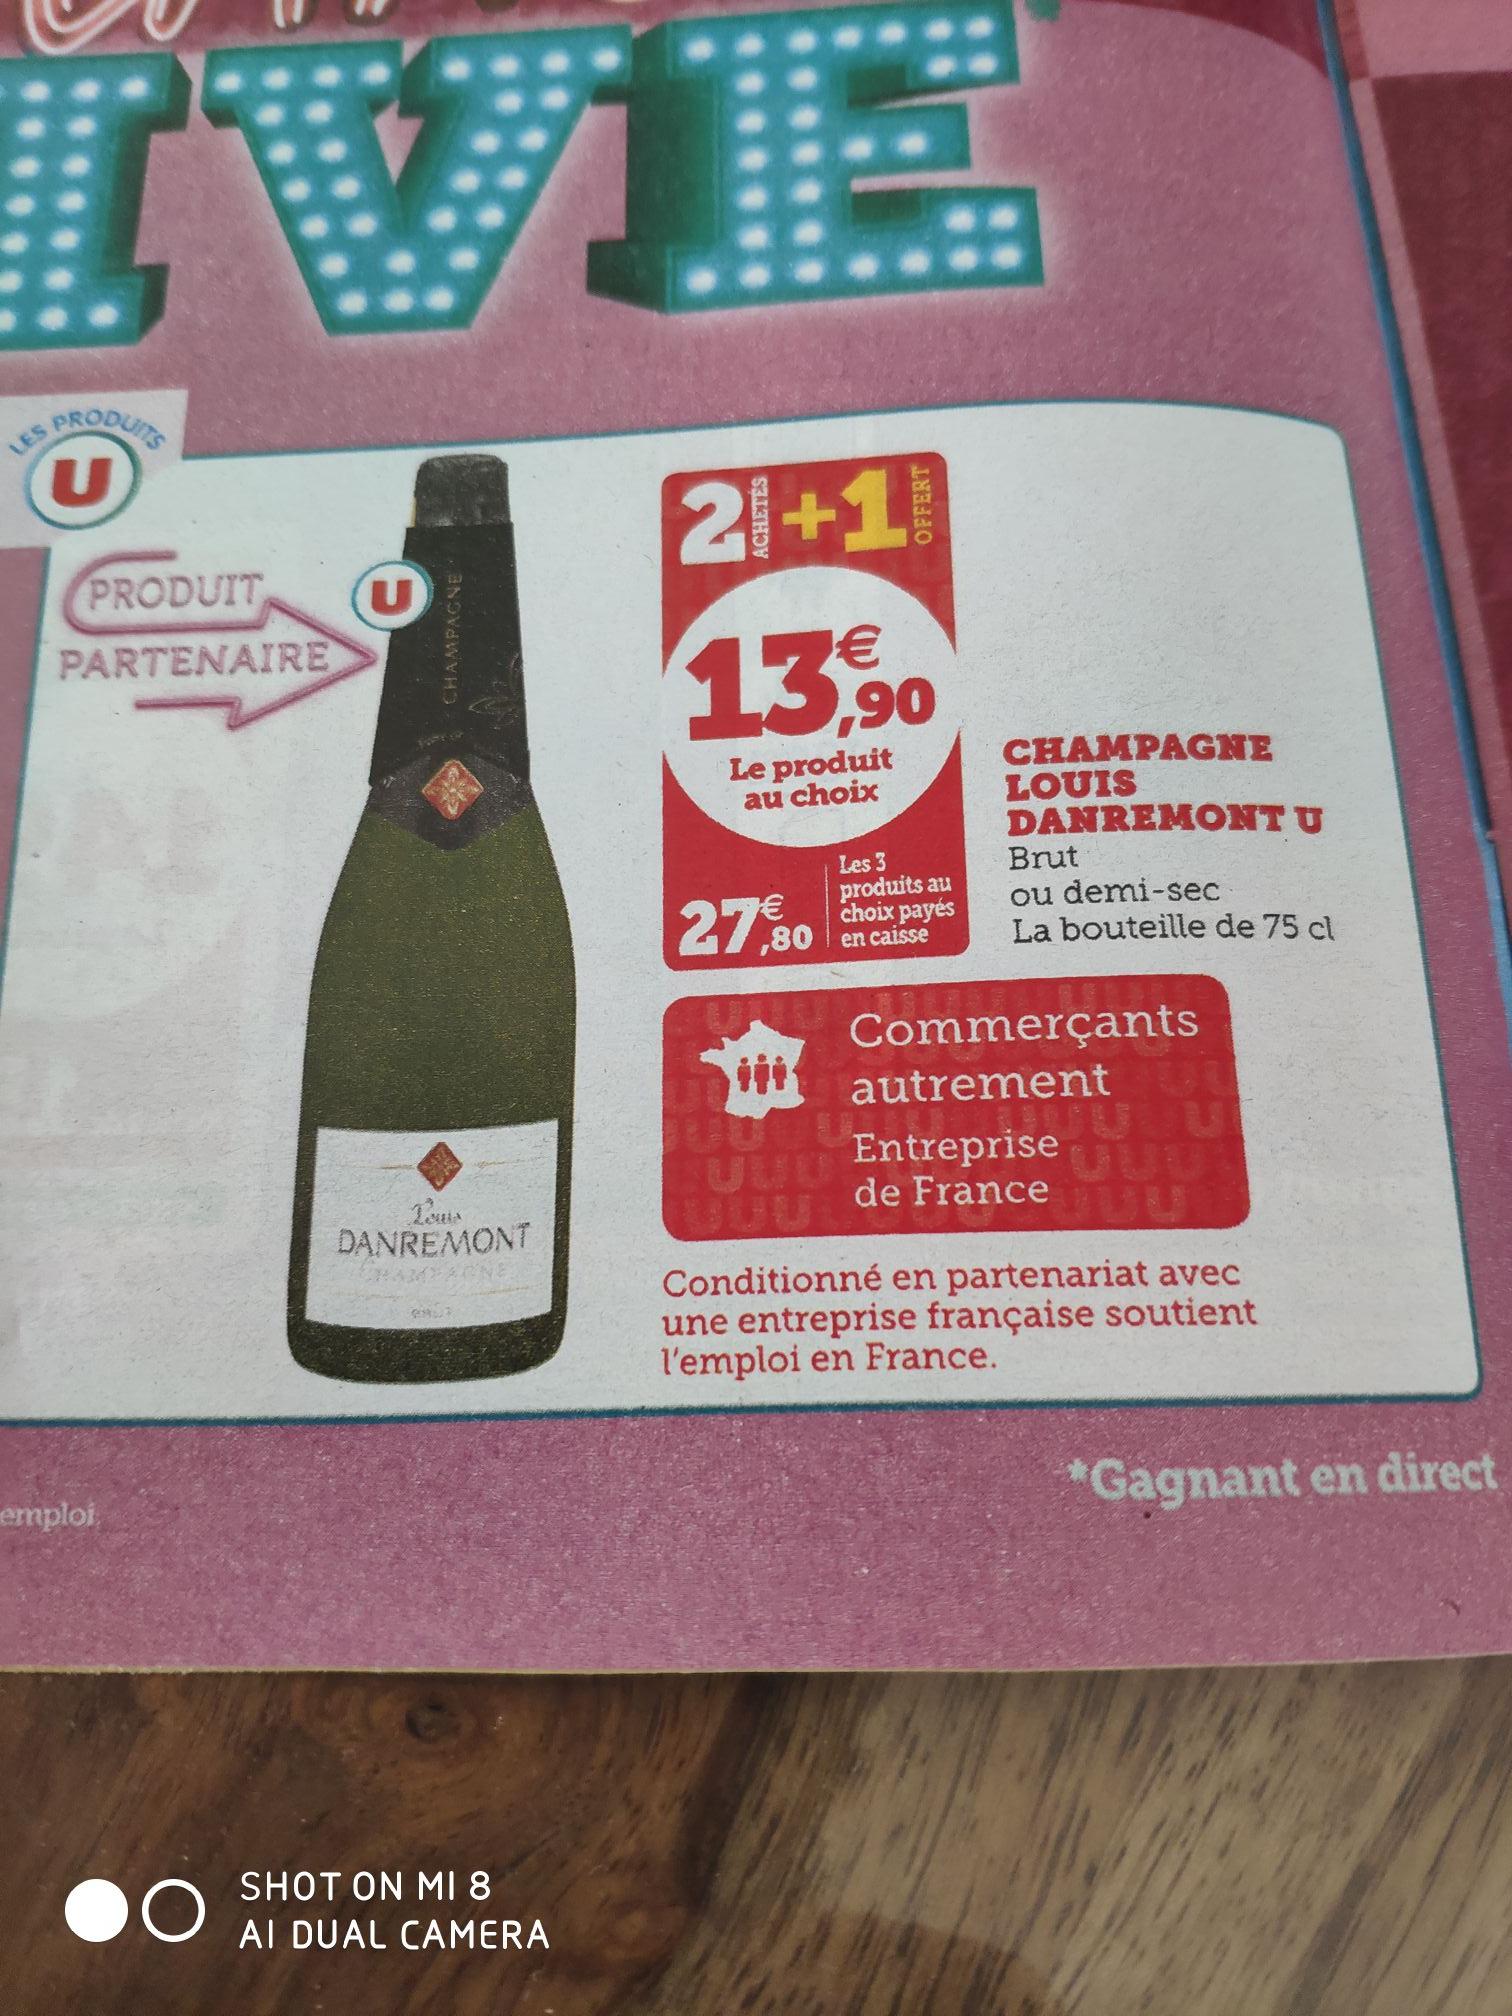 Lot de 3 Bouteilles de Champagne Louis Danremont U - Brut ou Demi-Sec, 3x 75 cl